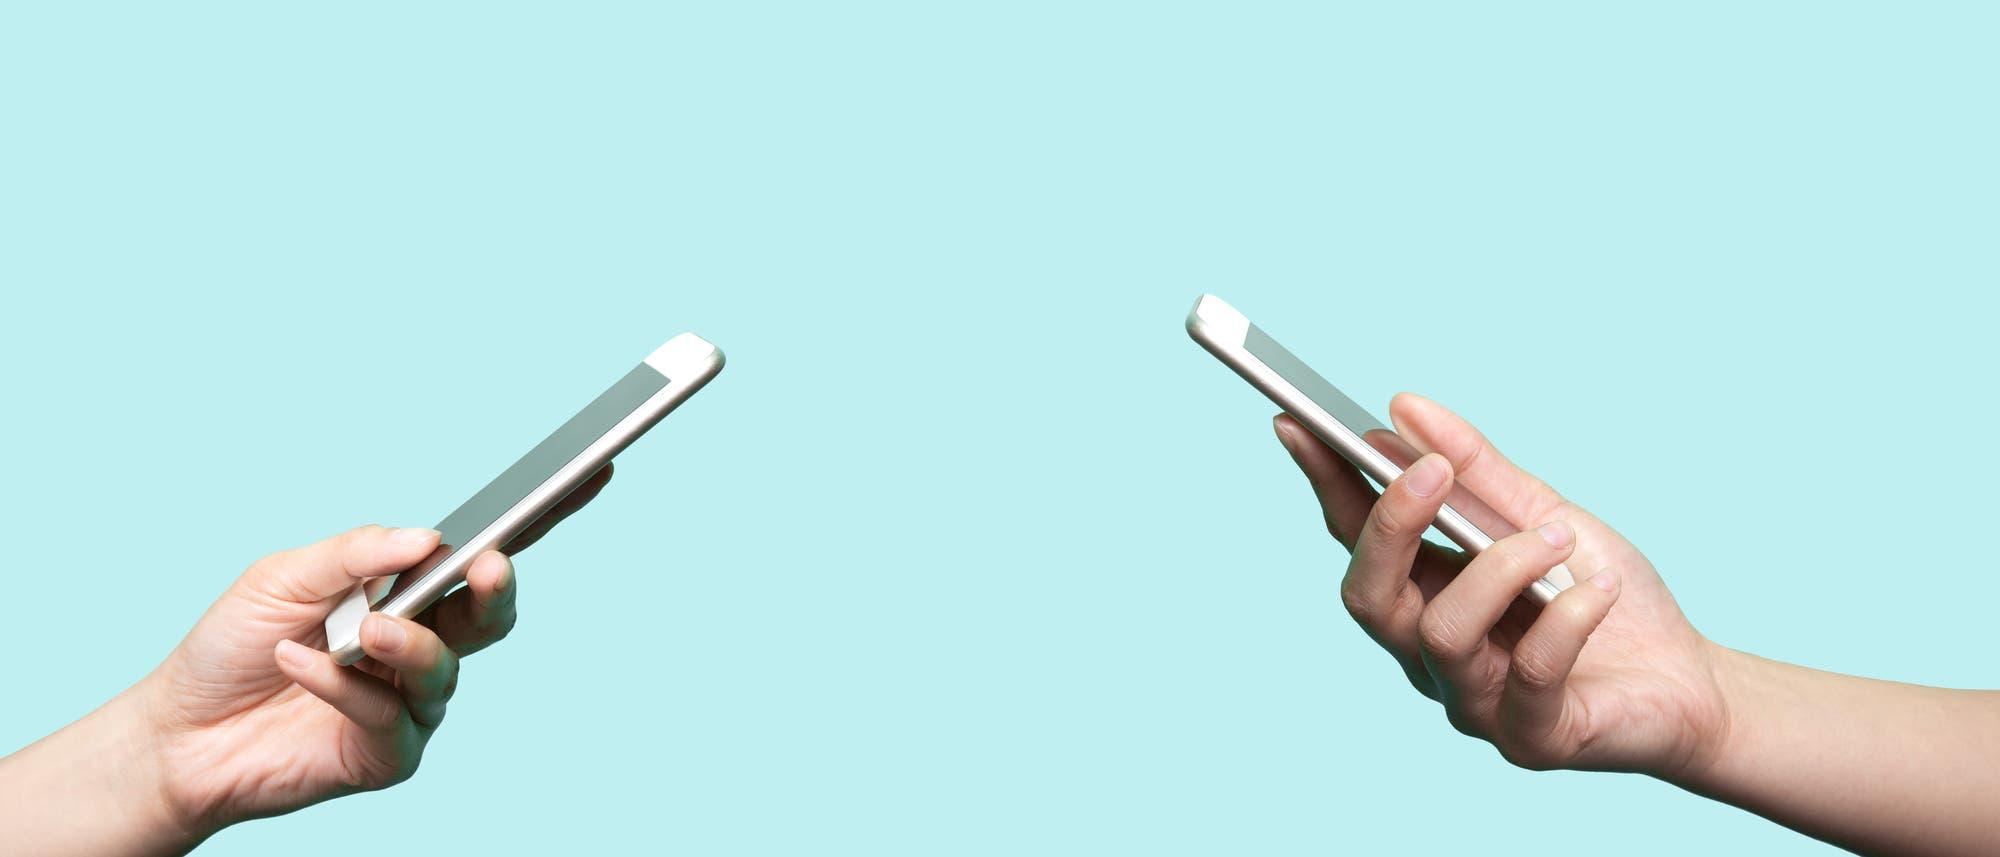 Mithilfe von Bluetooth-Verbindungen und Smartphone-Apps soll die Kontaktnachverfolgung möglich sein, ohne persönliche Daten preiszugeben.